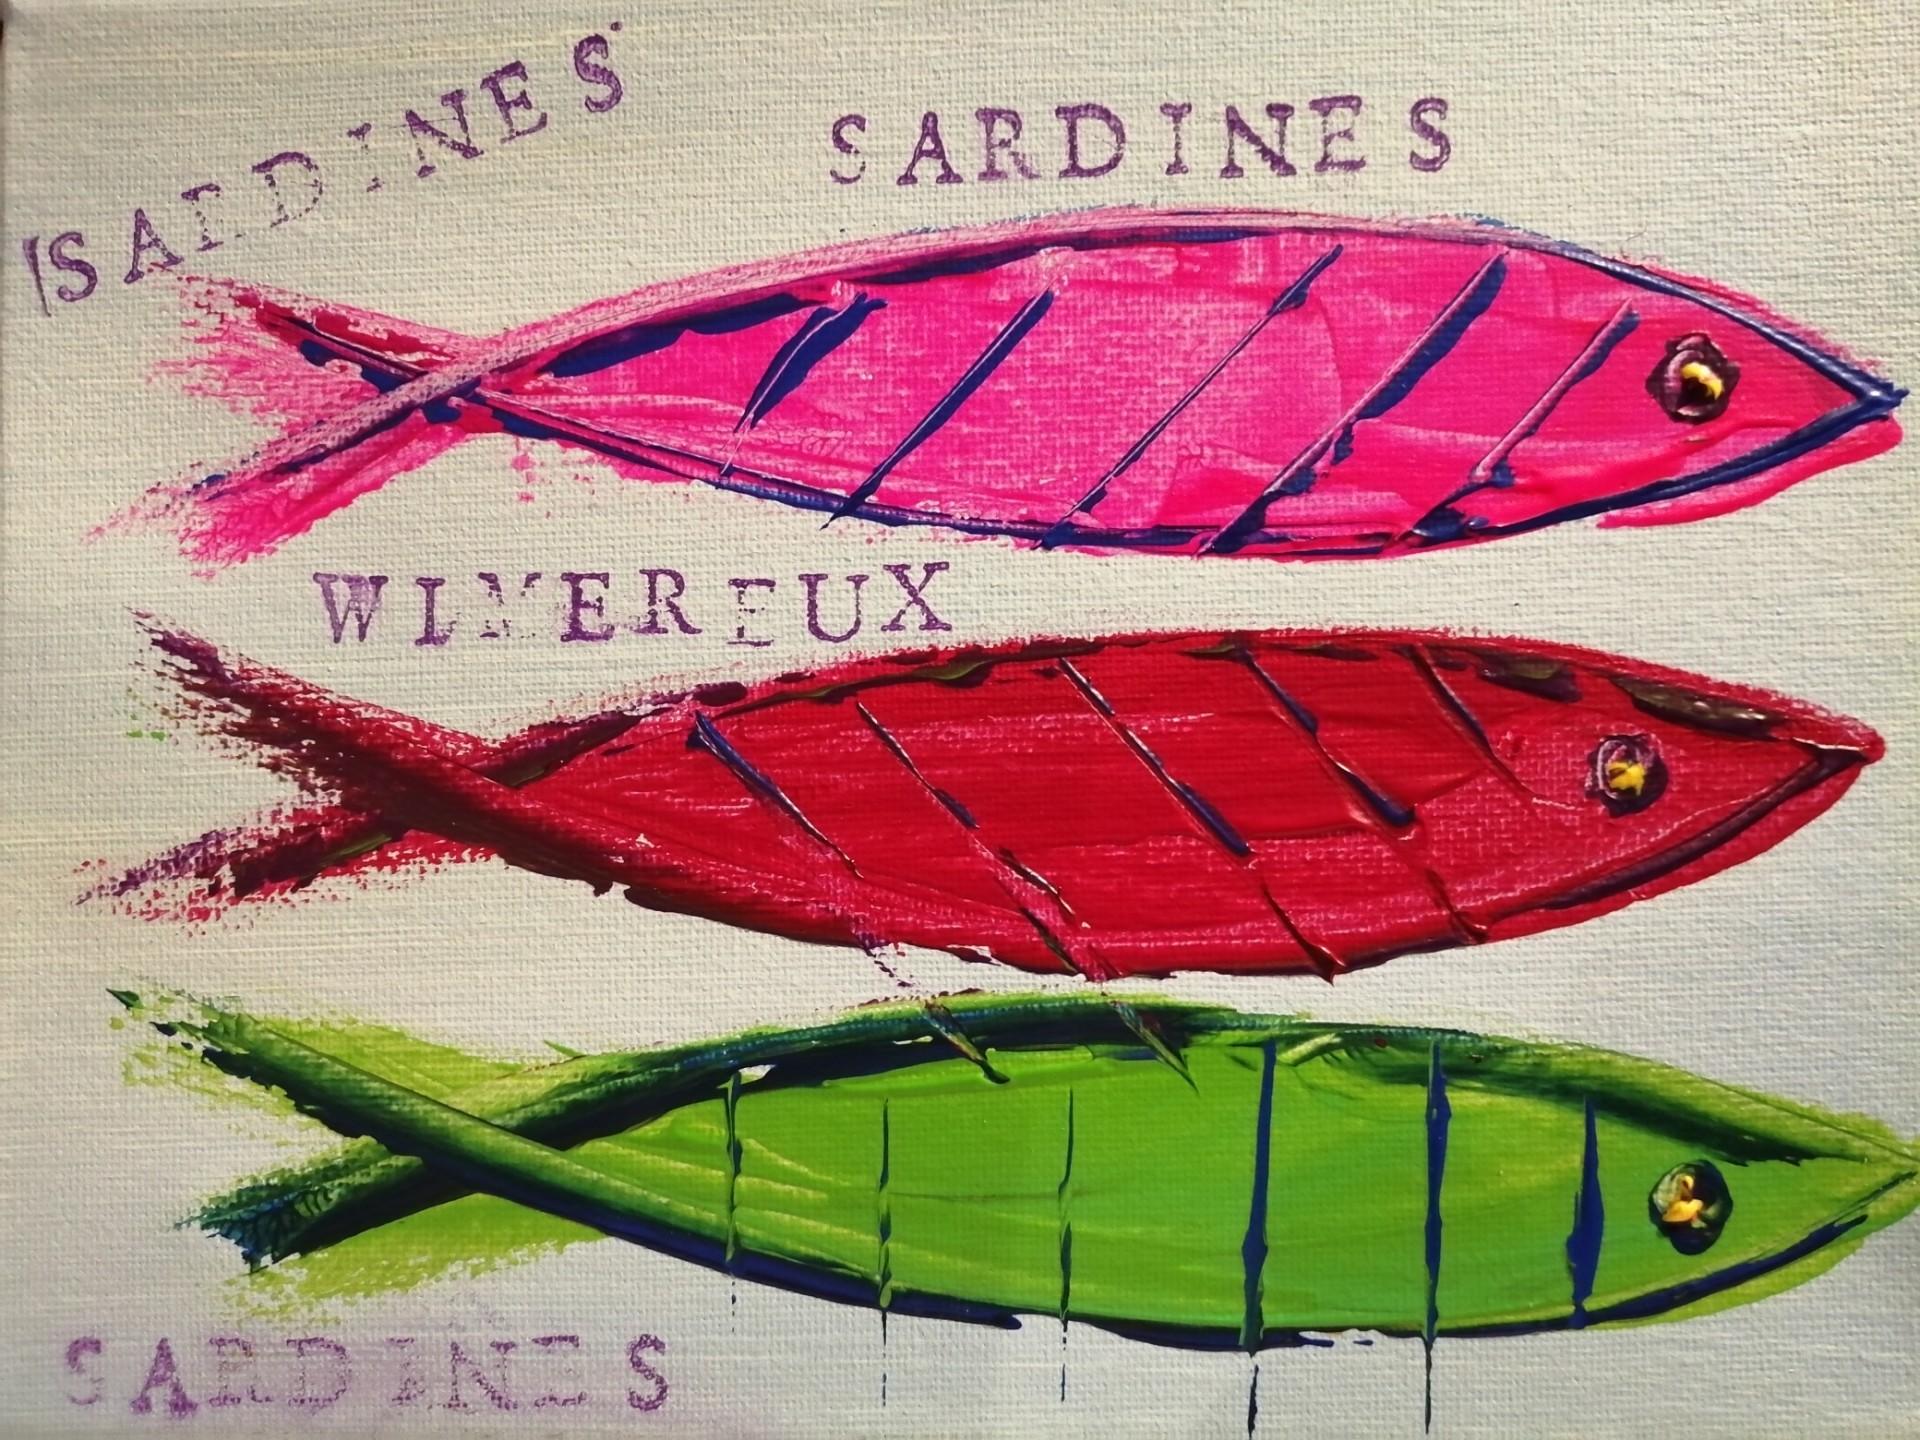 les sardines de wimereux